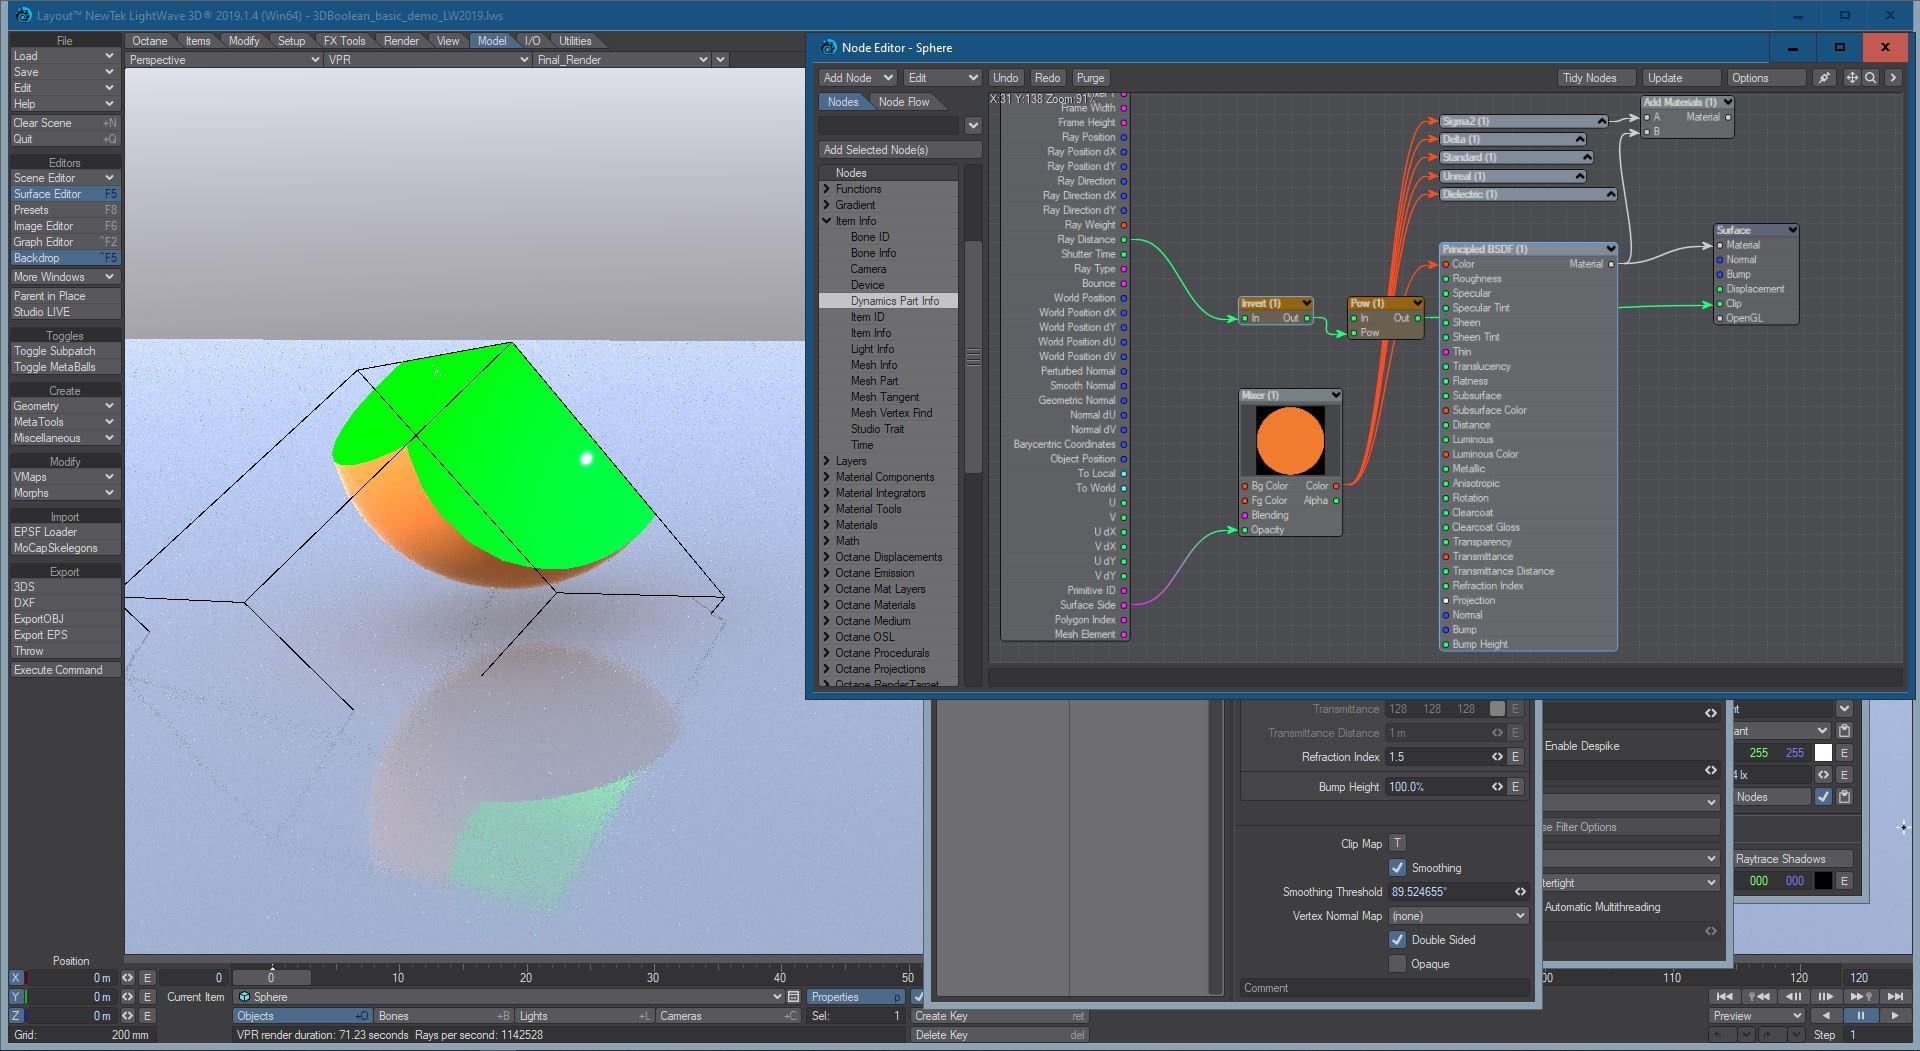 Nome: 2020-02-14 14_24_37-Layout™ NewTek LightWave 3D® 2019.1.4 (Win64) - 3DBoolean_basic_demo_LW2019..jpg Visite: 17 Dimensione: 262.1 KB